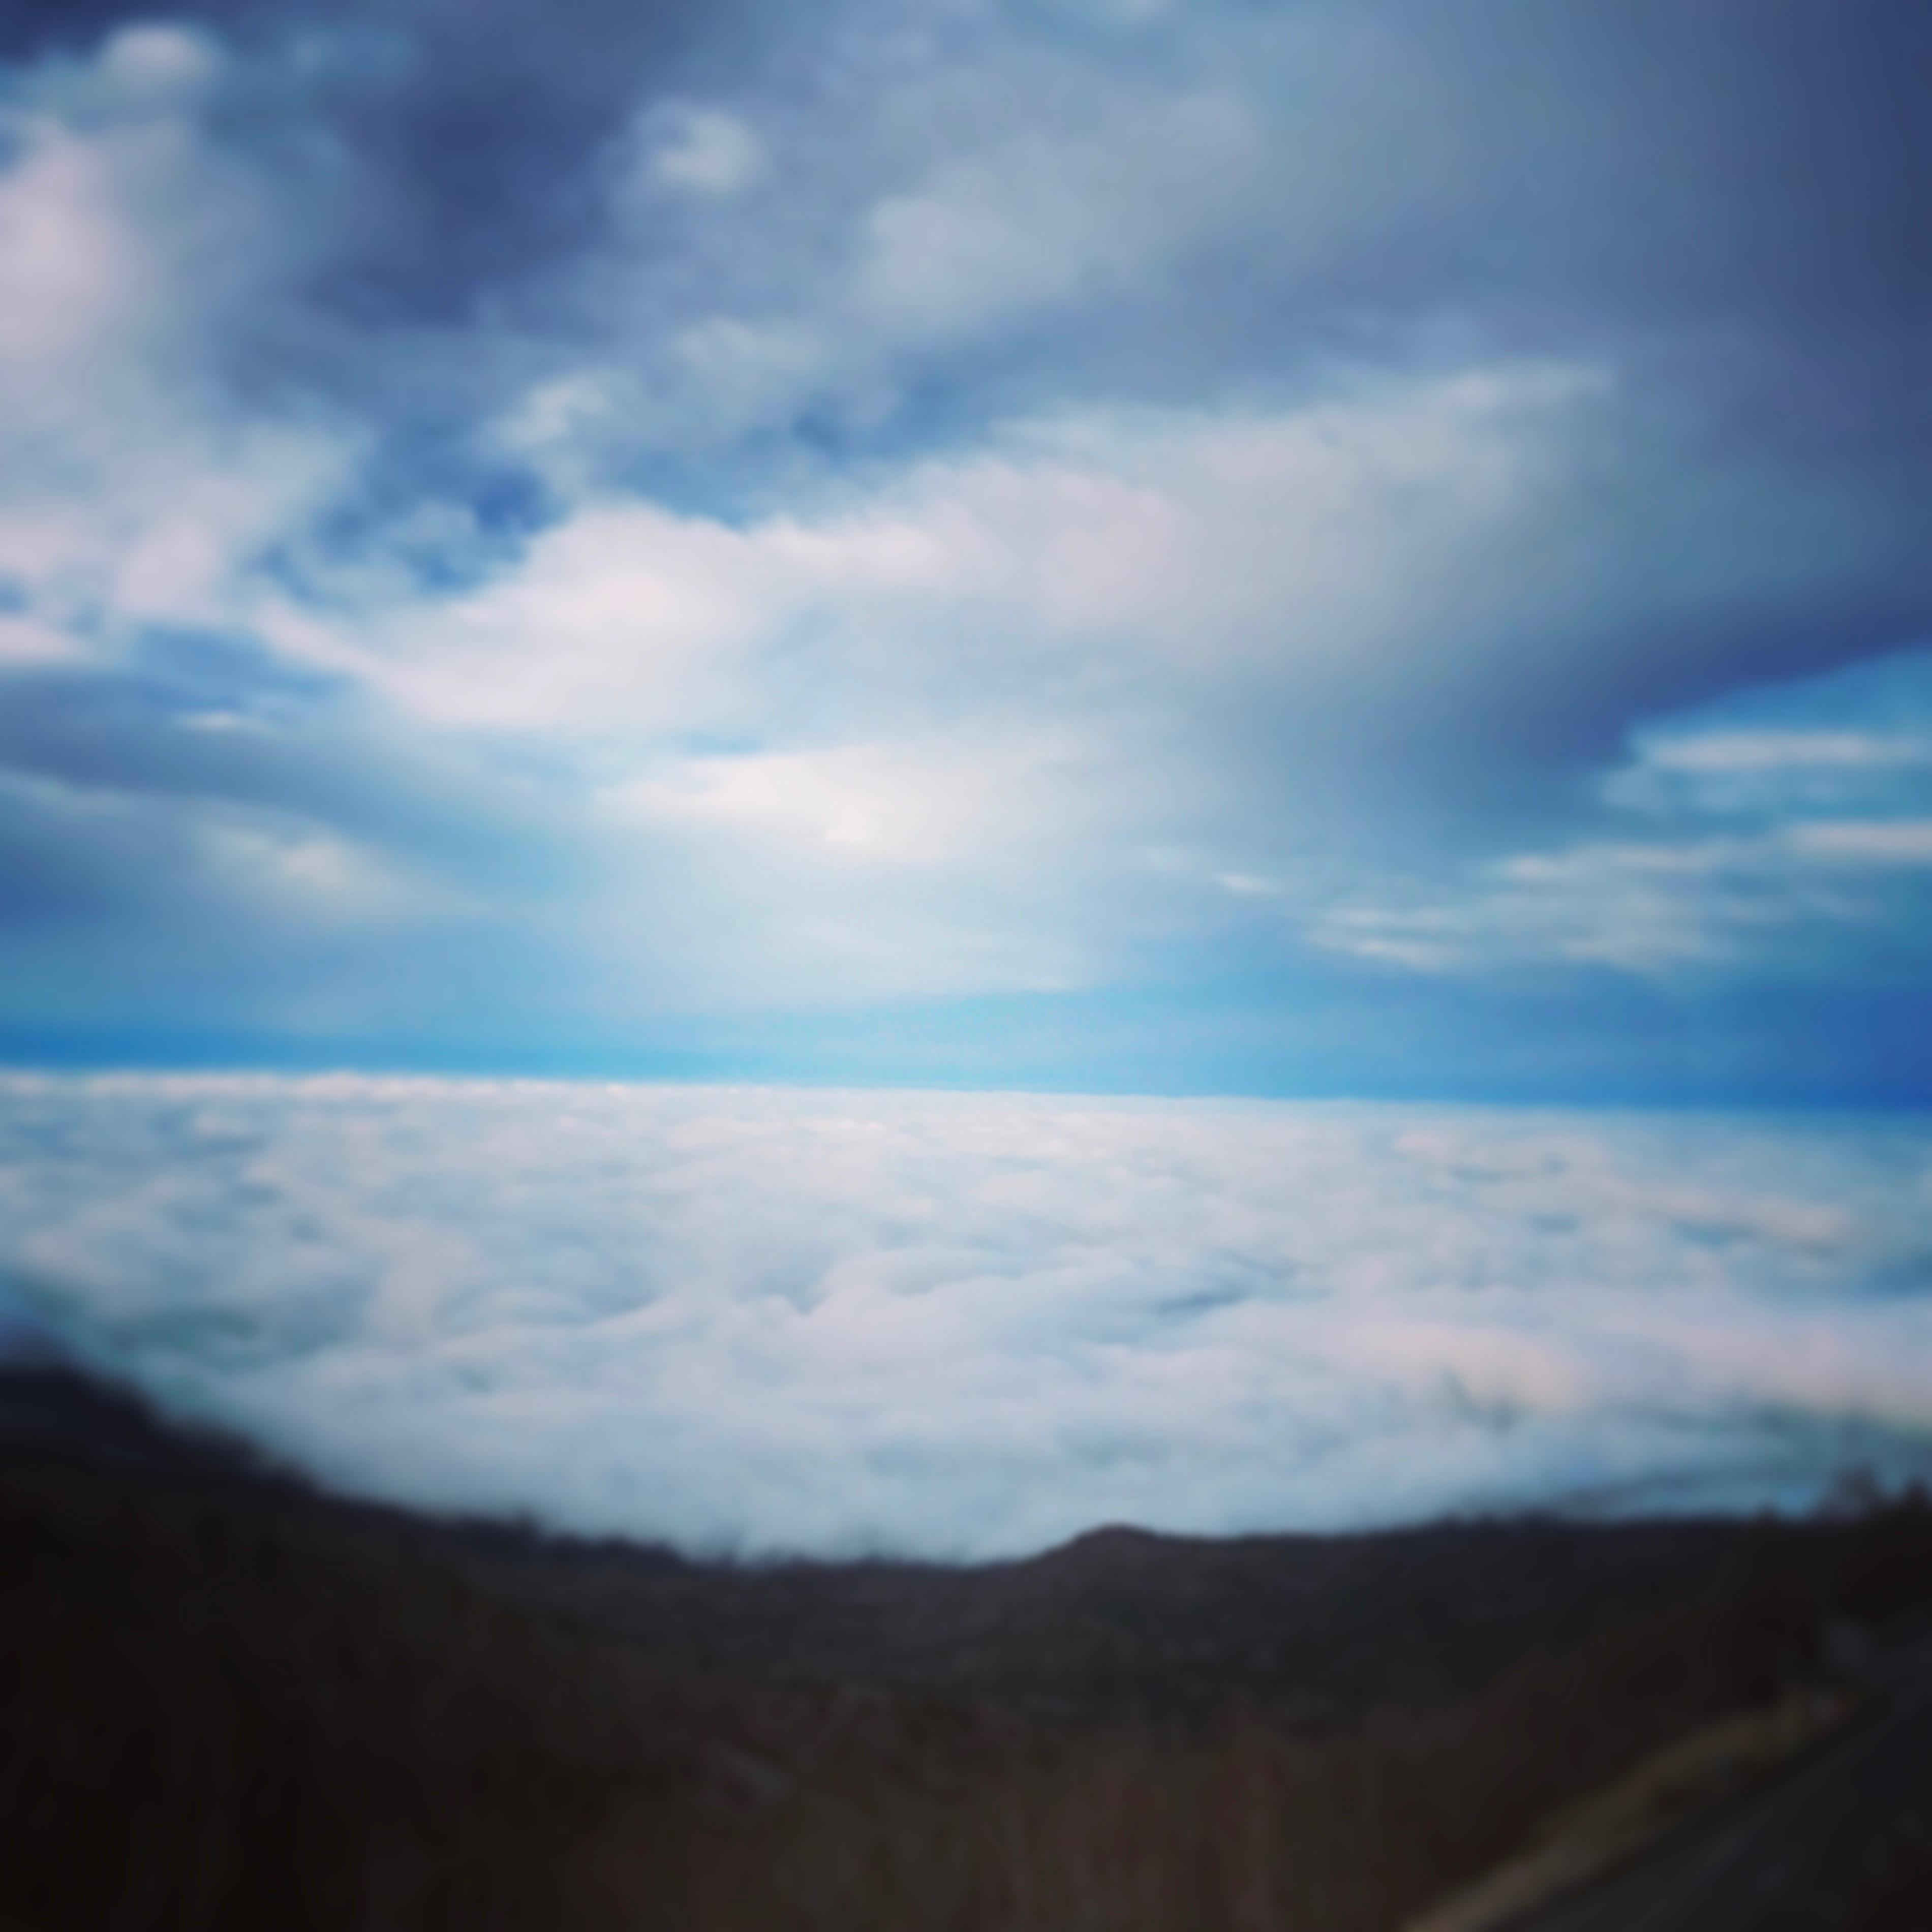 憧れの山 〜今ここを大切に特別な世界へ ②〜